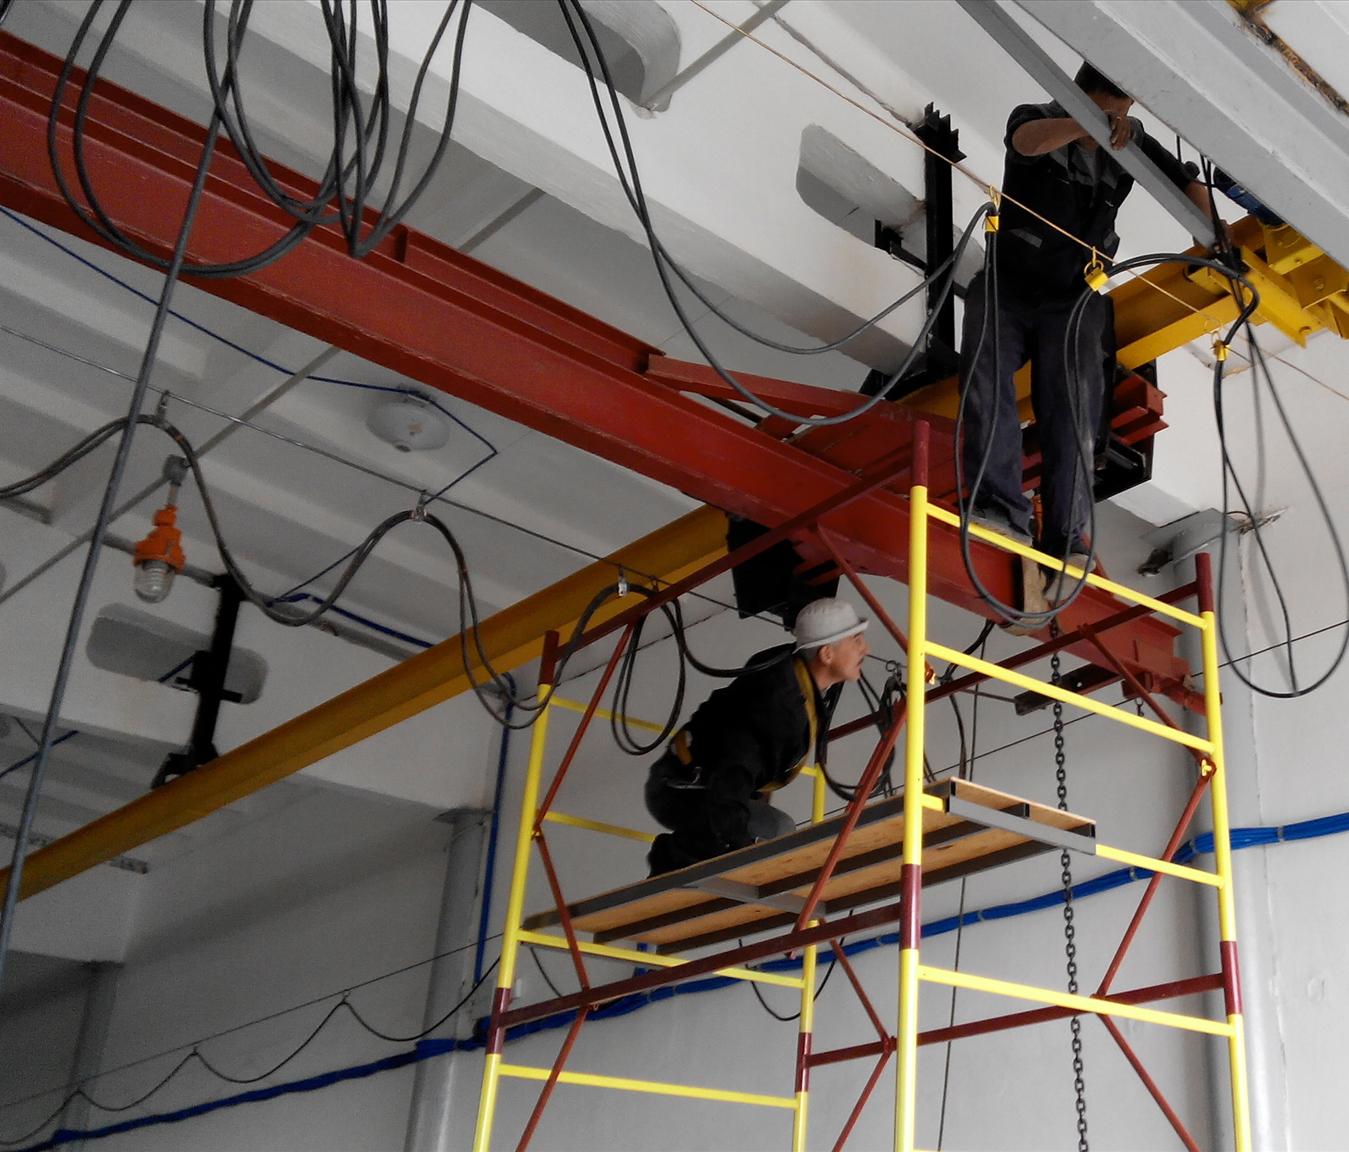 Основные этапы монтажа и демонтажа мостовых кран-балок